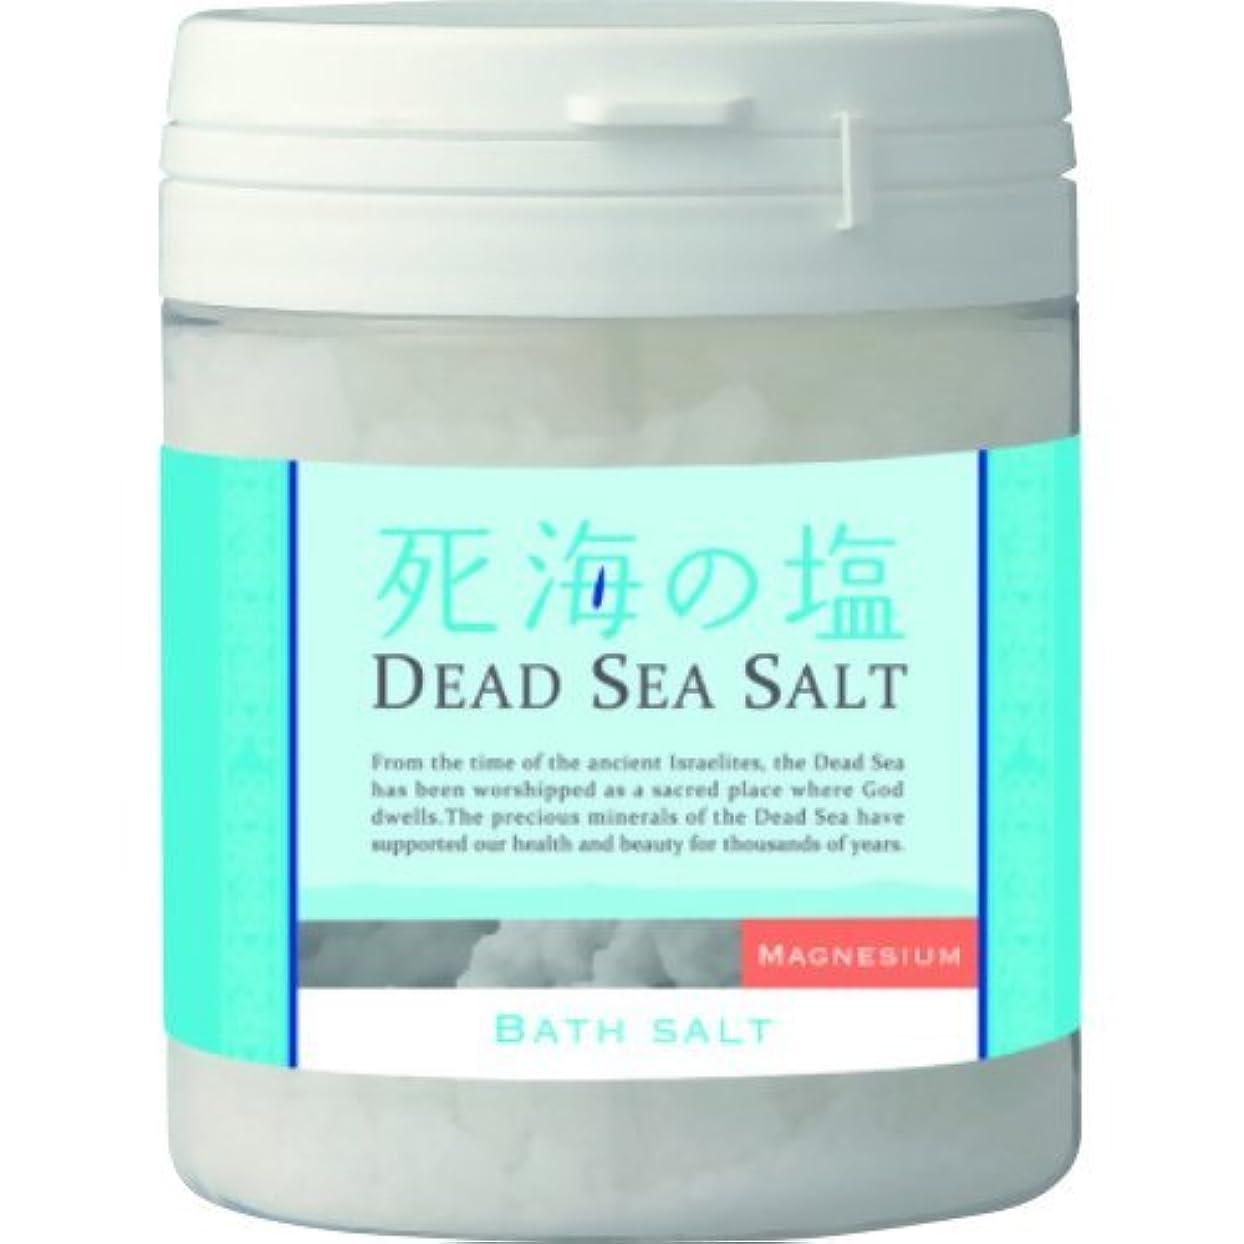 ご注意音楽家計器死海の塩マグネシウム180gPET